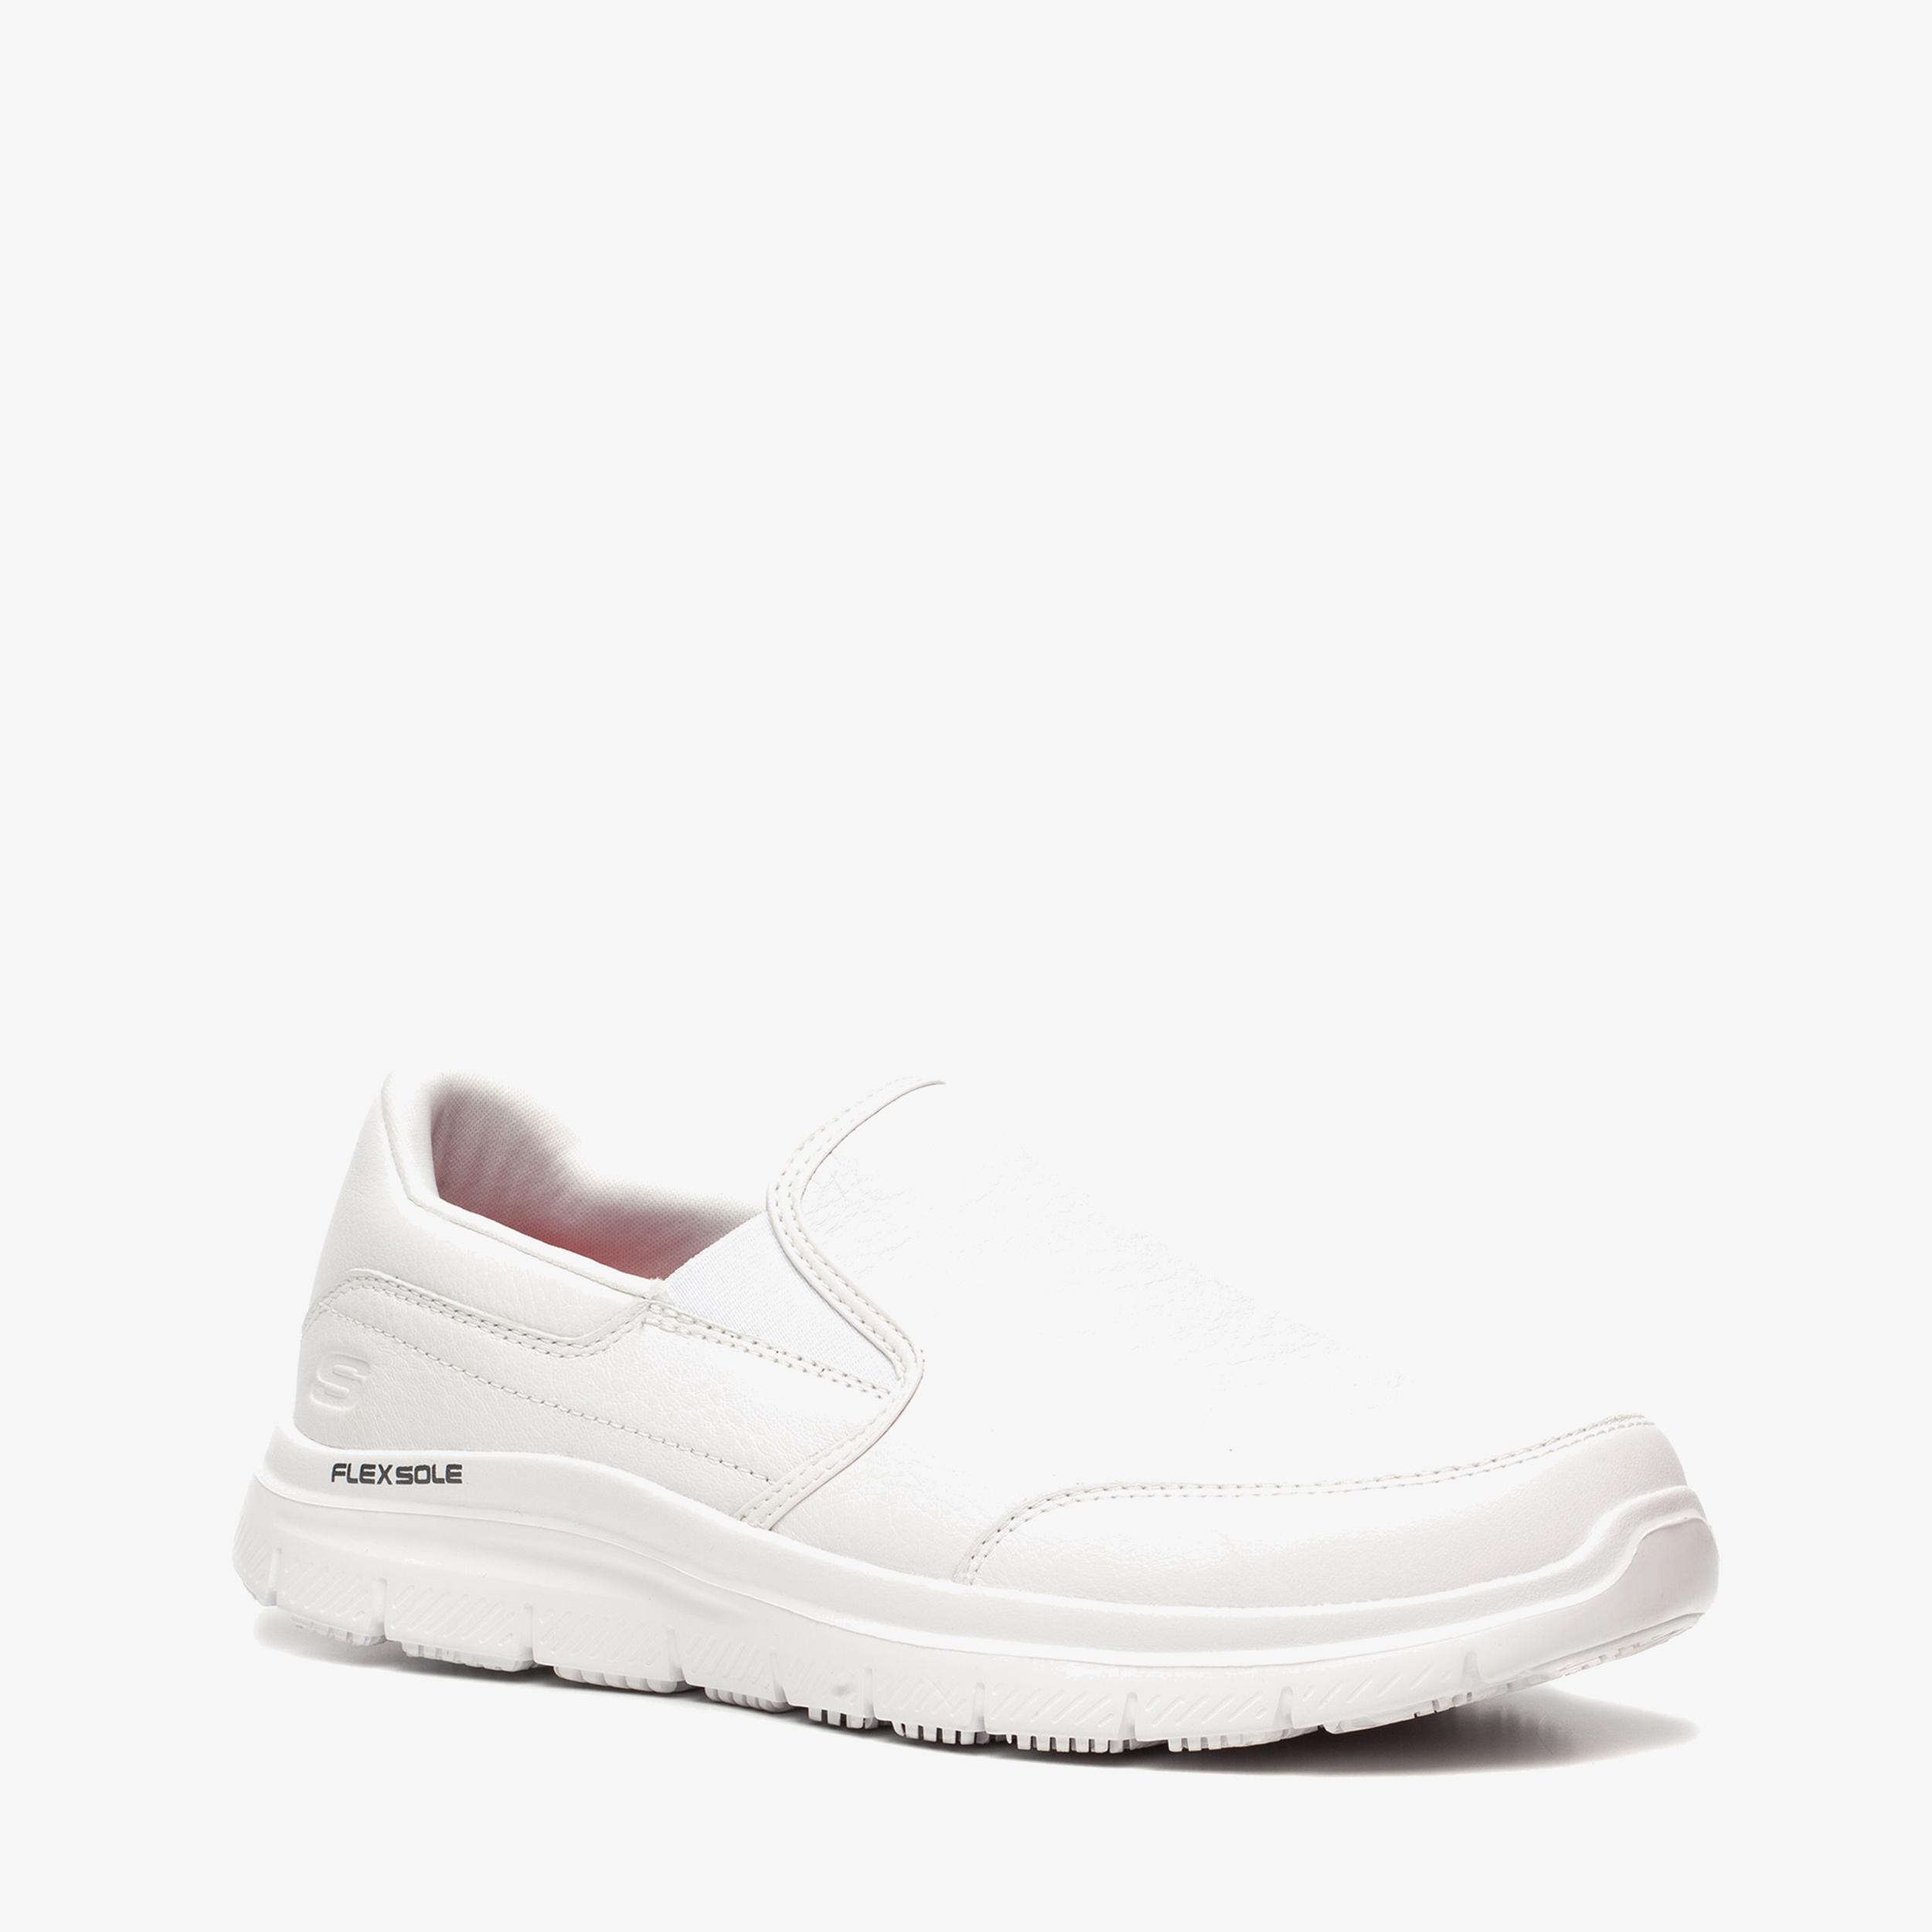 Werkschoenen Heren Sneakers.Skechers Leren Heren Werkschoenen Online Bestellen Scapino